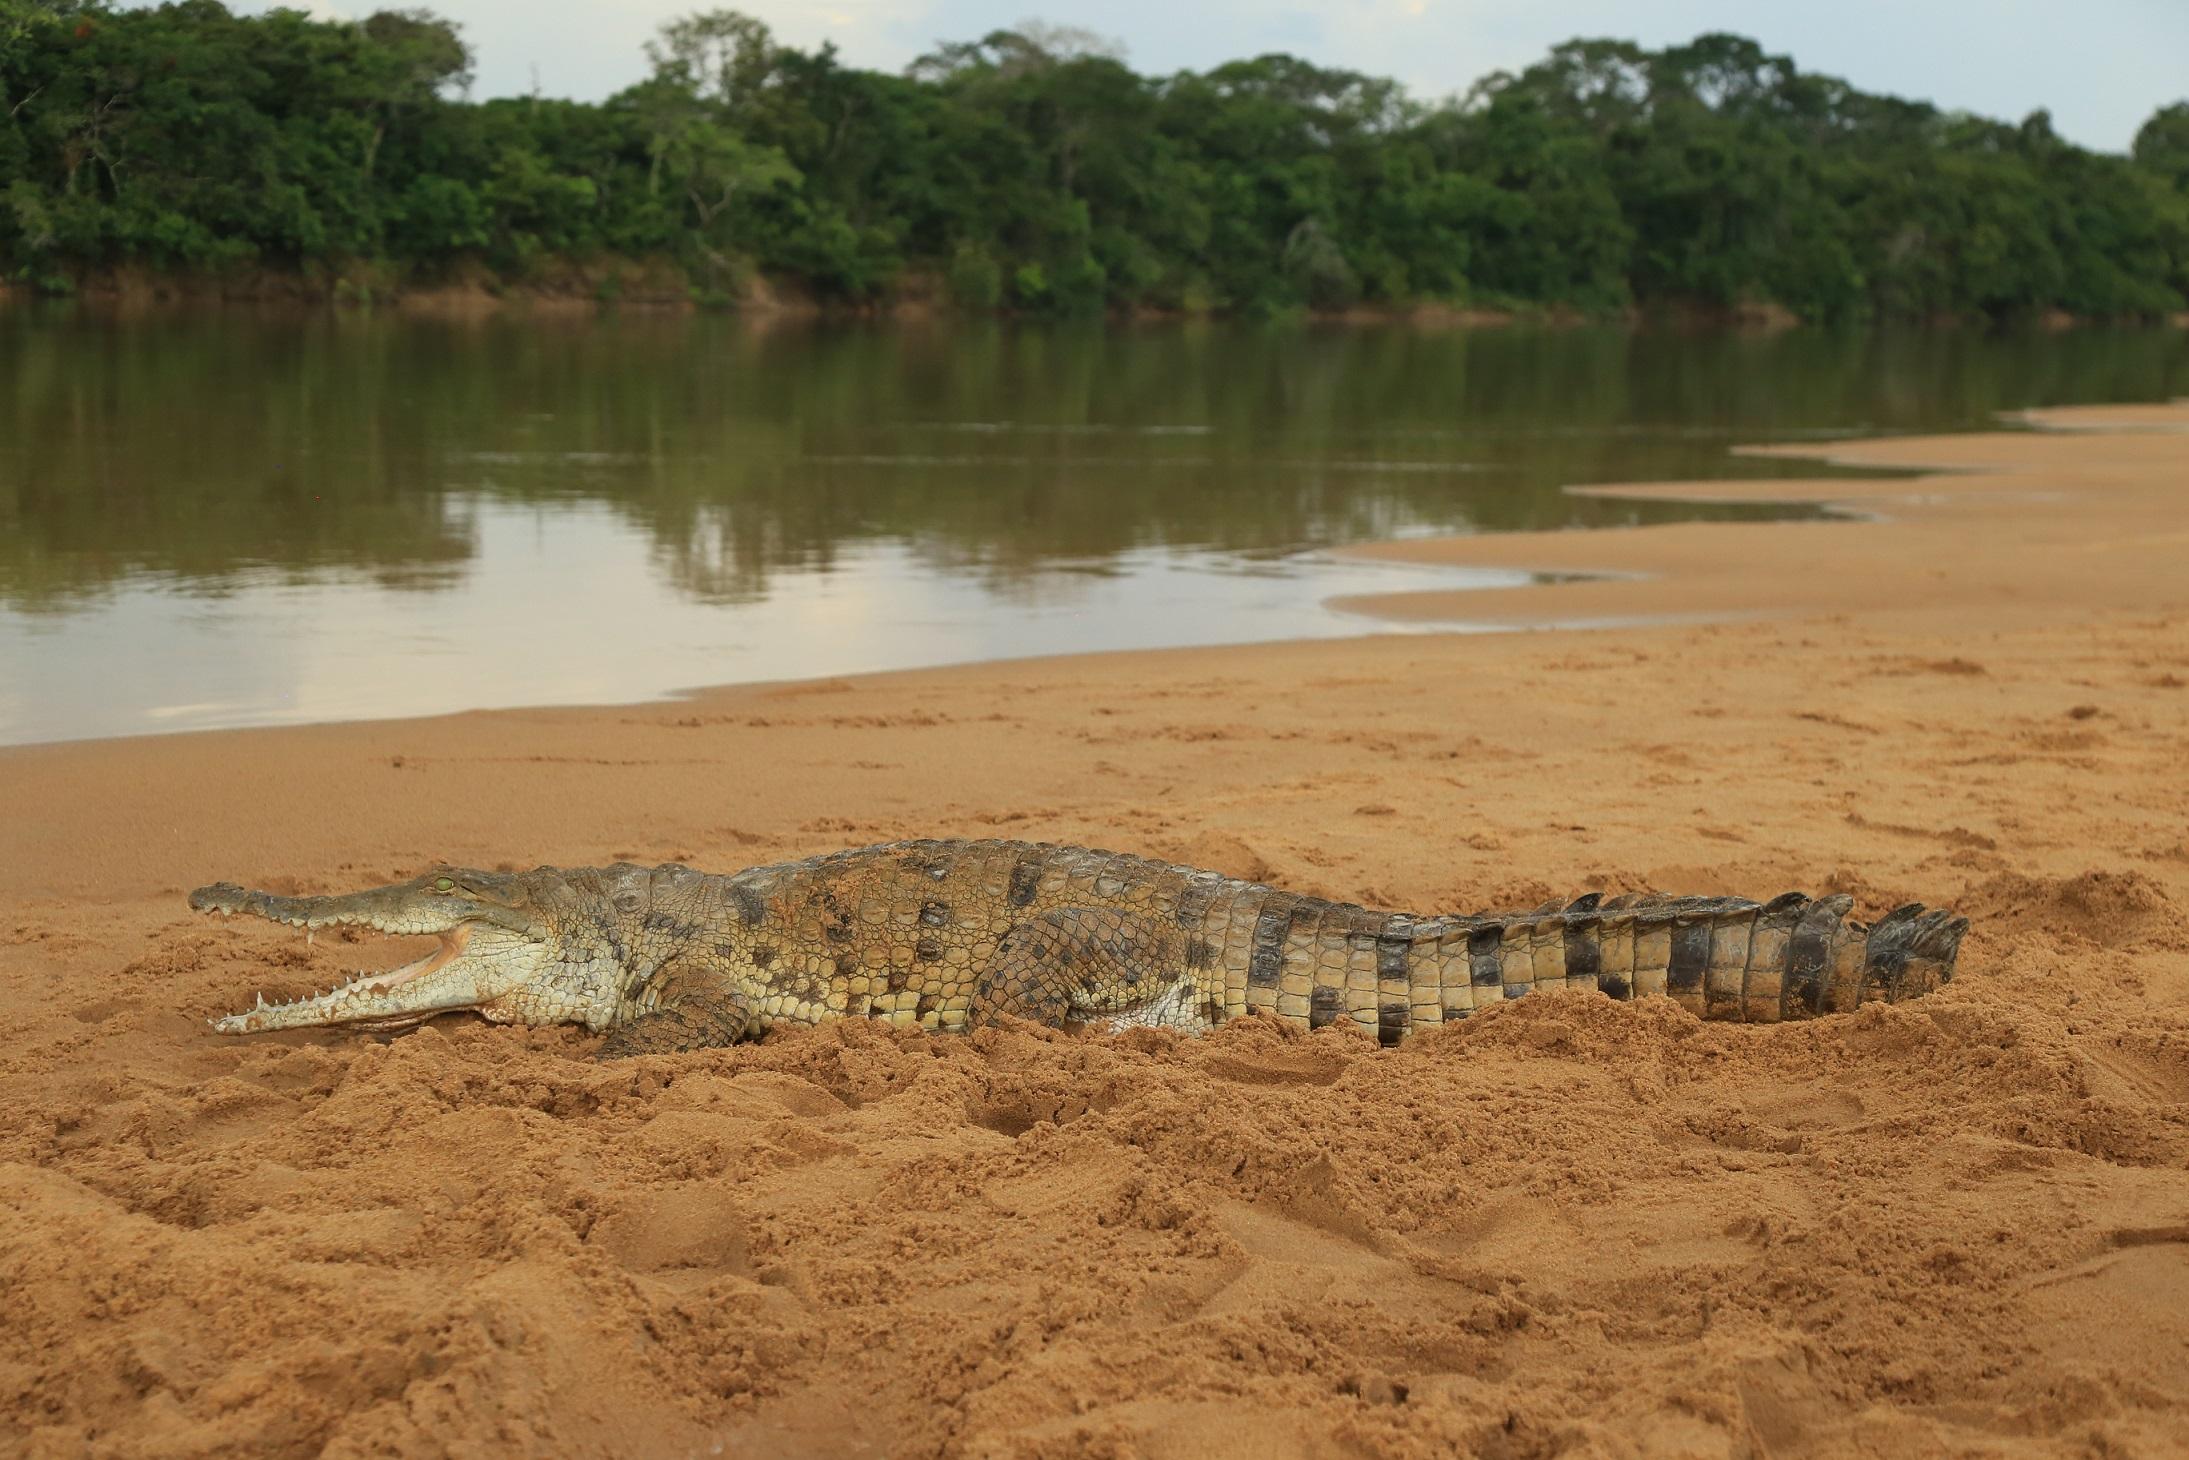 Cocodrilo anidando en playa del río Manacacías. Foto: cortesía de Cormacarena.